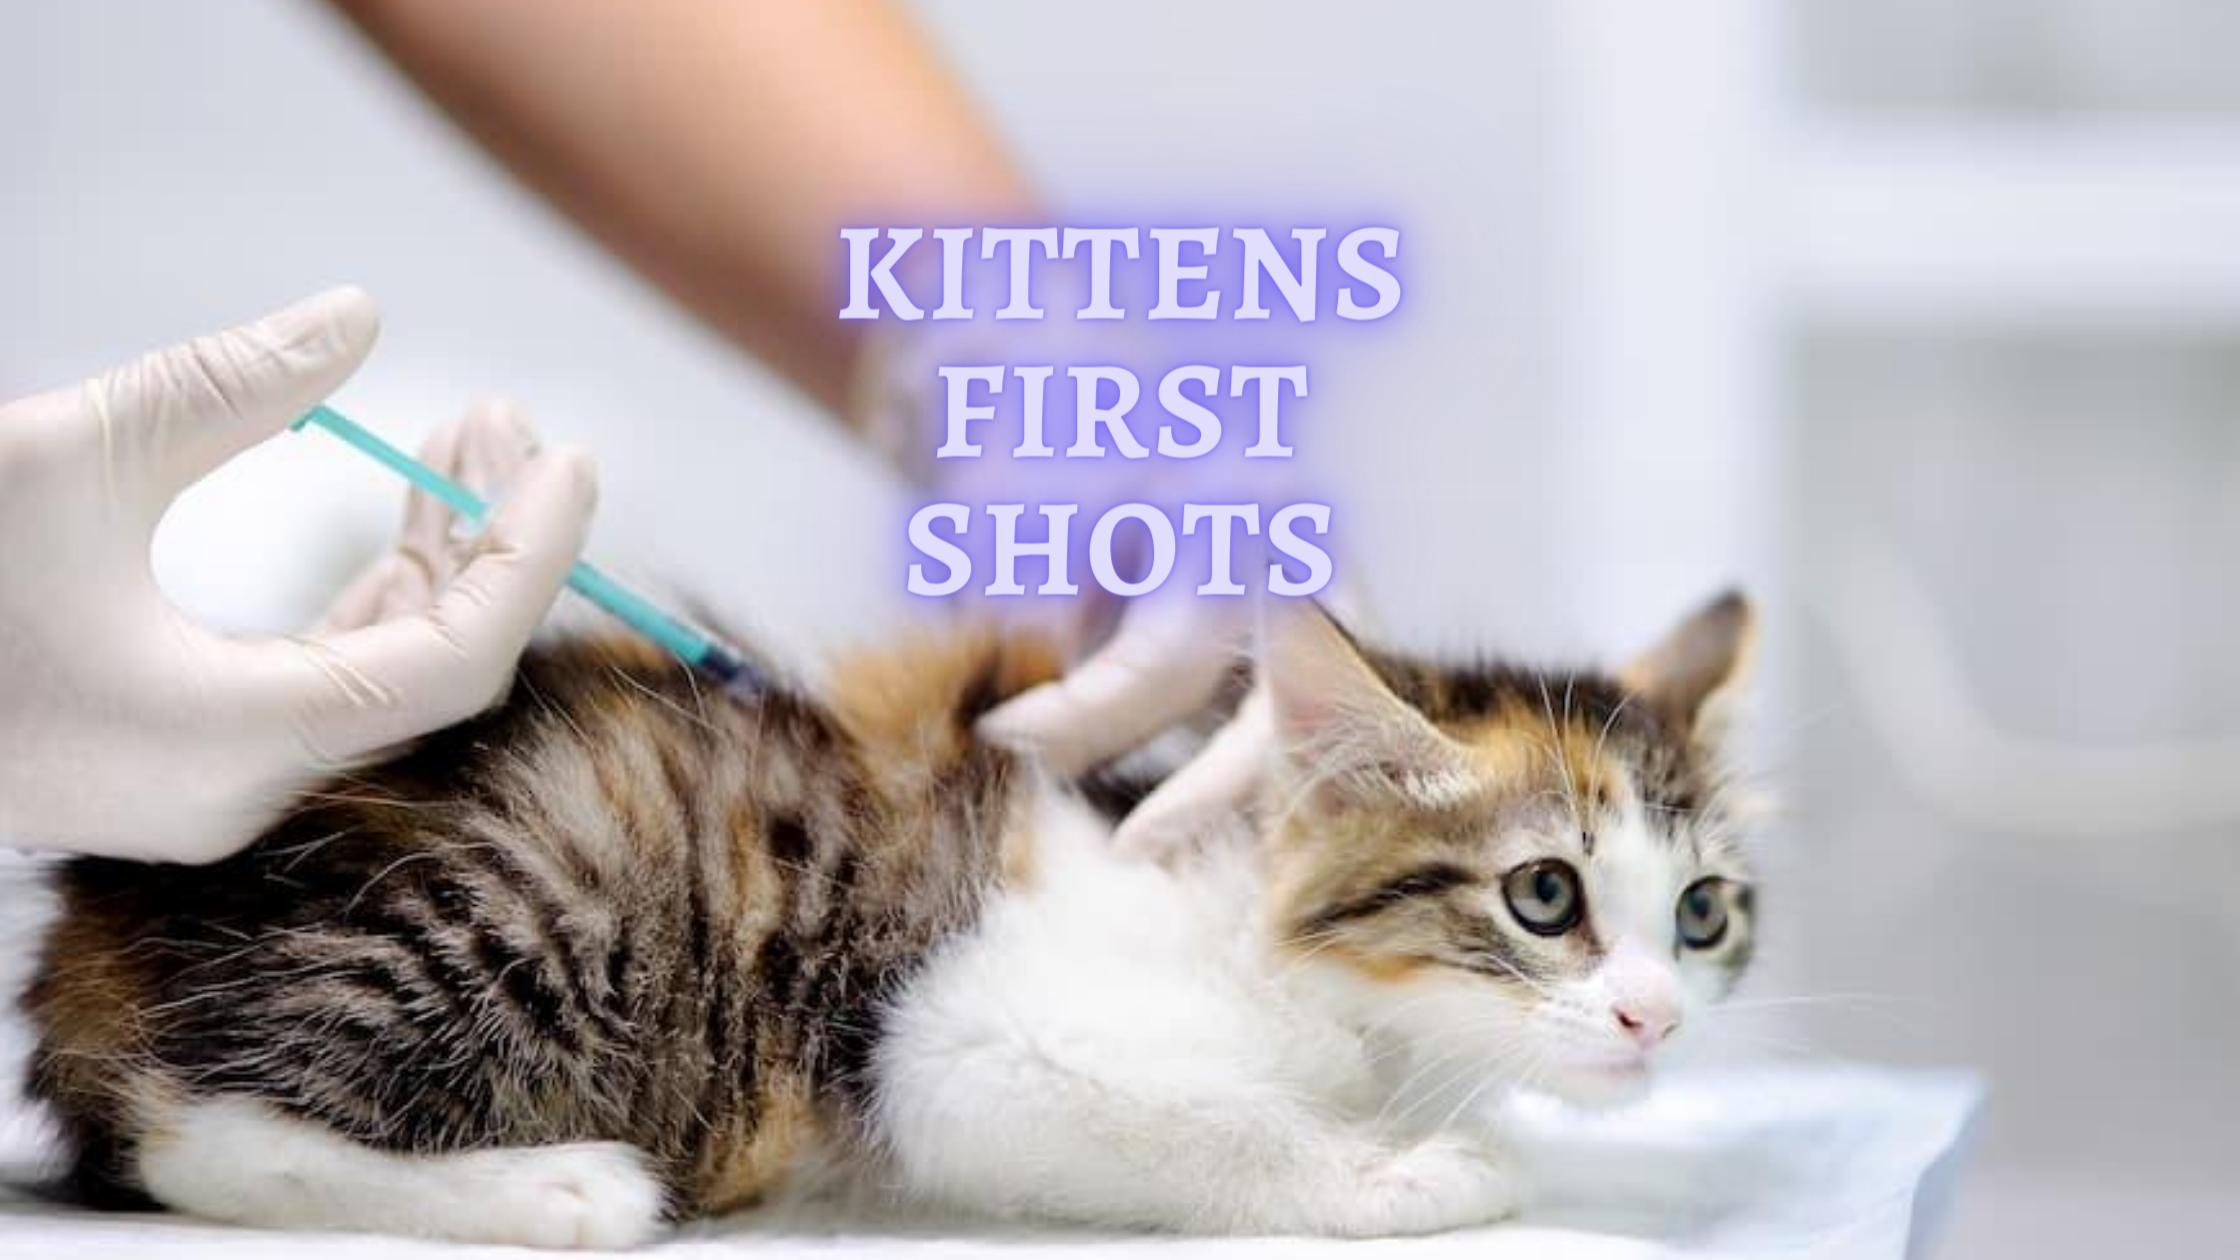 Kittens First Shots When Do Kittens Get Their First Shots